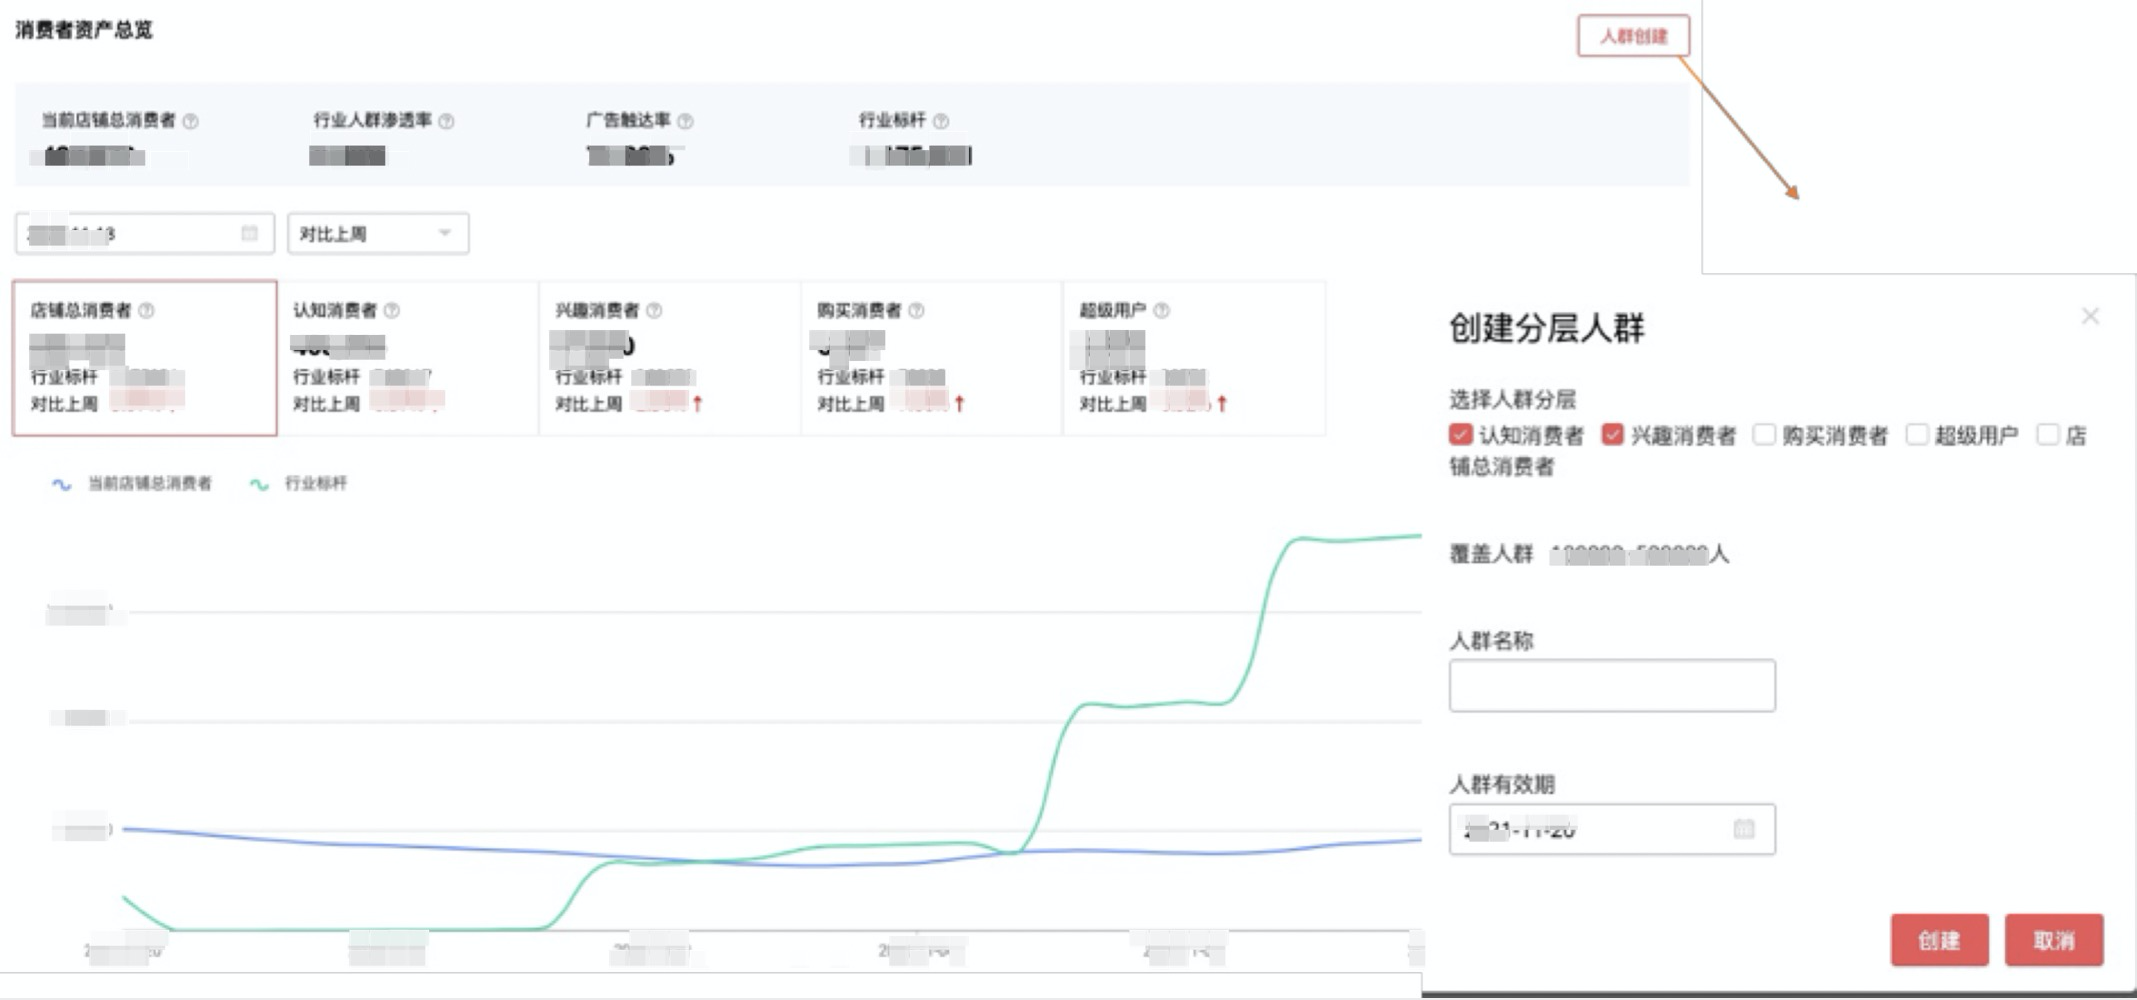 AliExpress智能营销引擎大揭秘-AnalyticDB如何做到快准狠省